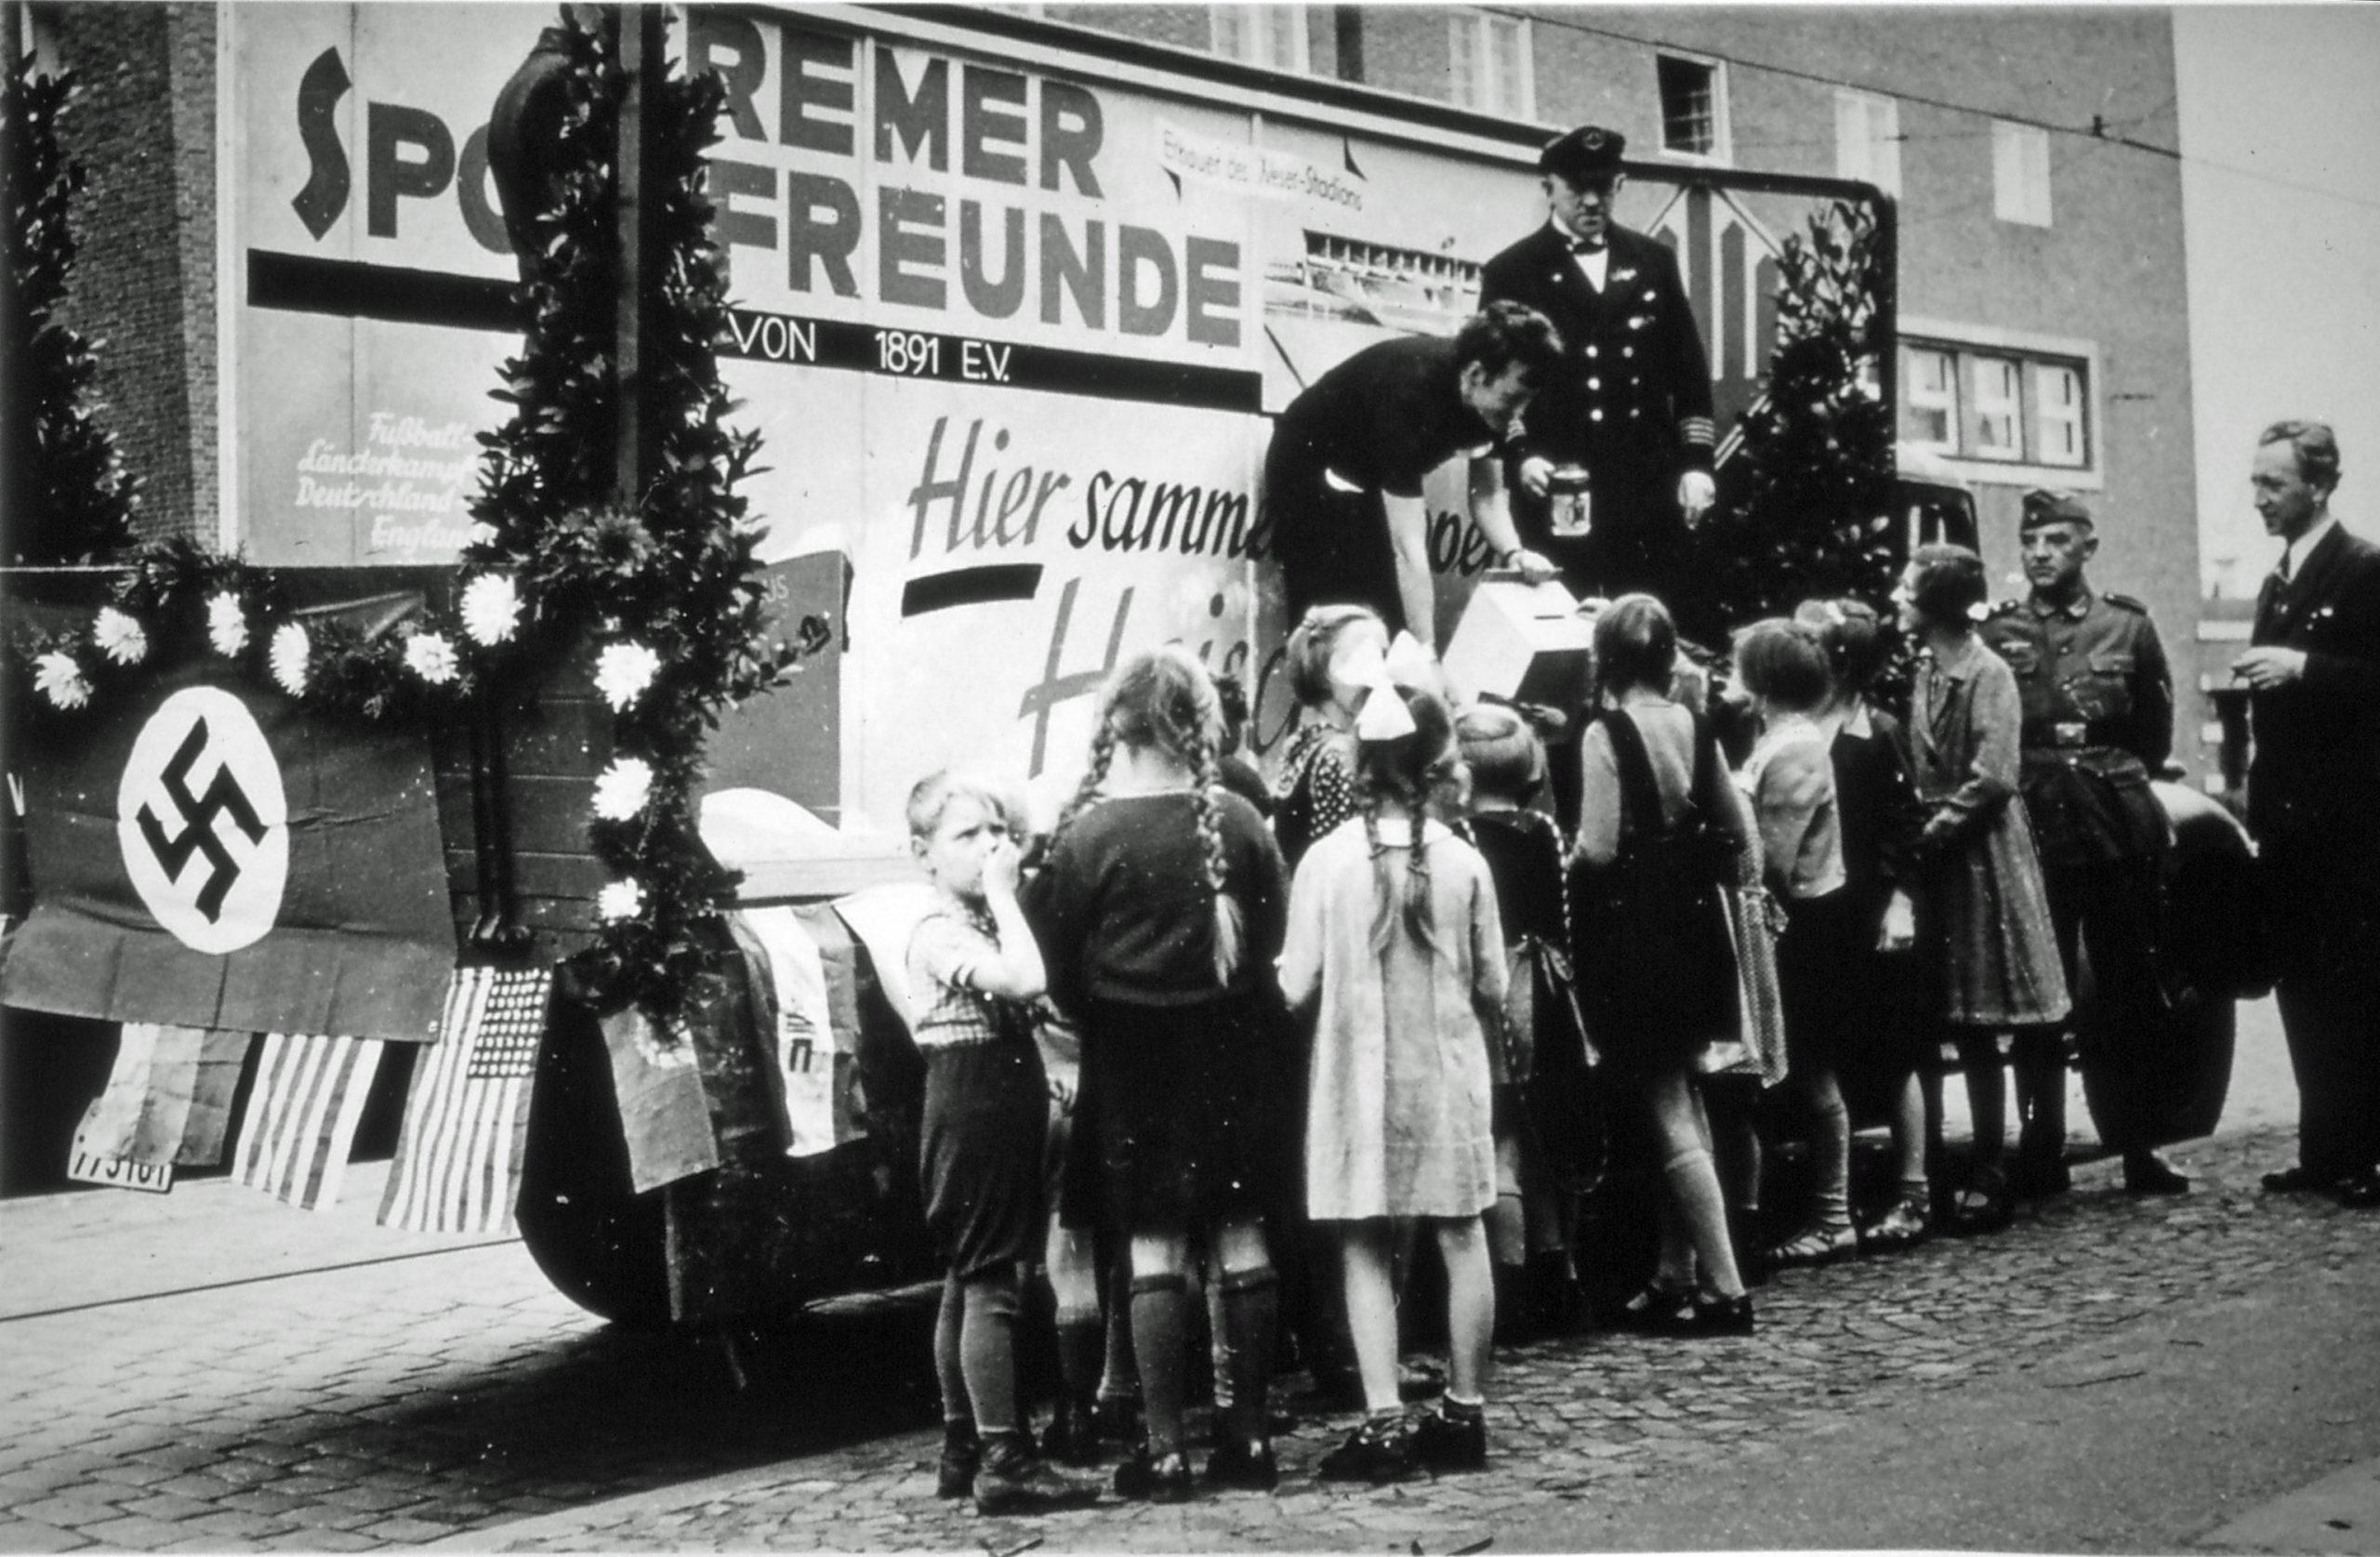 Sammlung des NS-Winterhilfswerk 1941